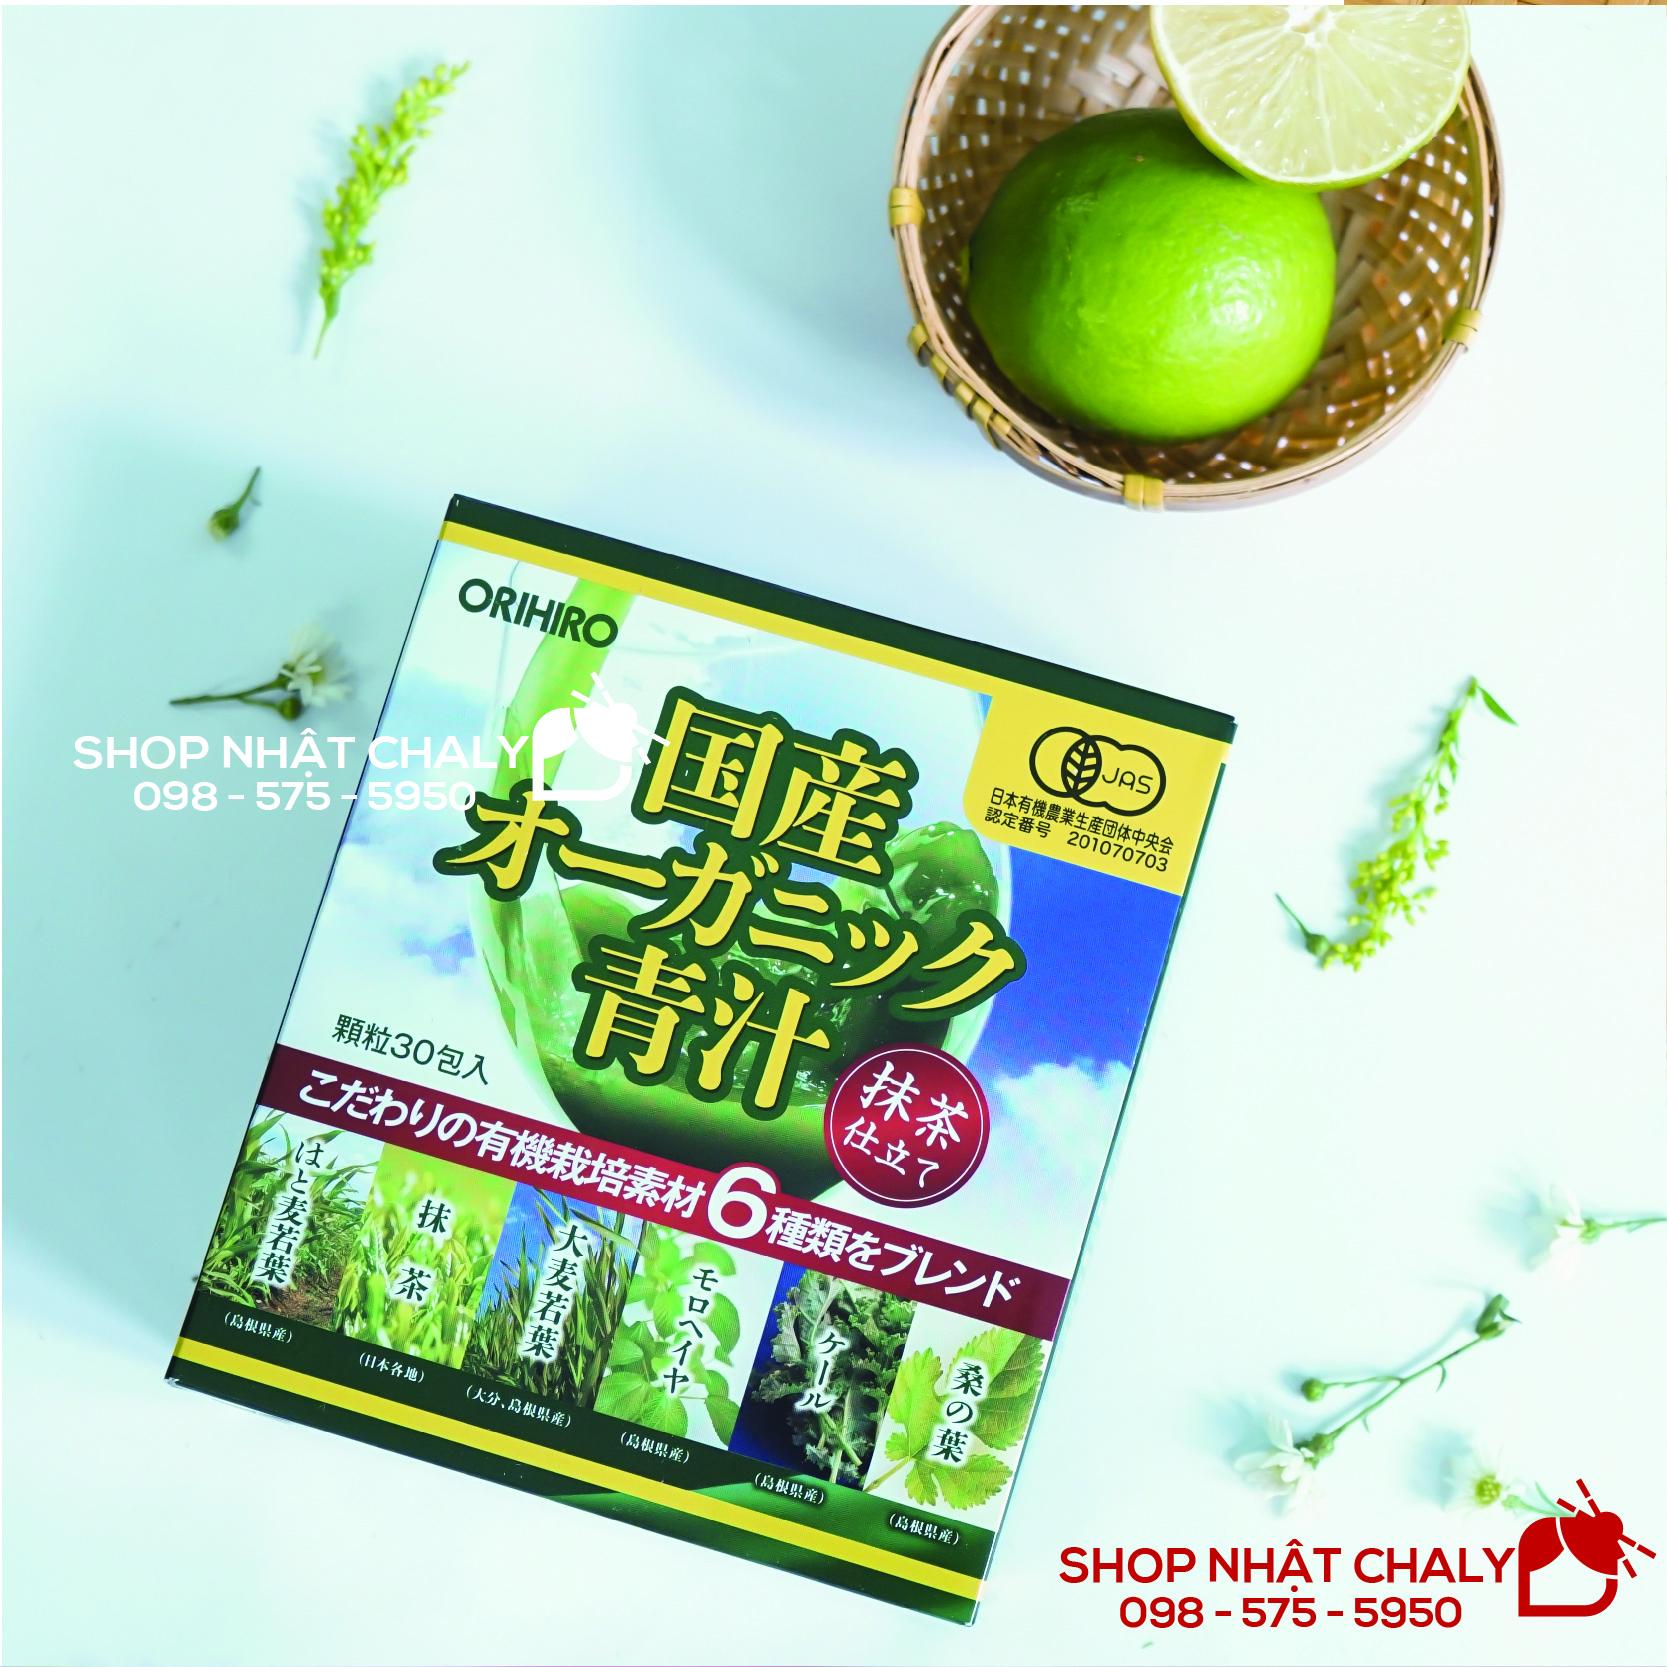 Hộp bột rau xanh trái cây aojiru của Nhật là phương thức bổ sung chất xơ, các chất chống oxy hoá nổi tiếng nhiều đời nay của người dân Nhật Bản